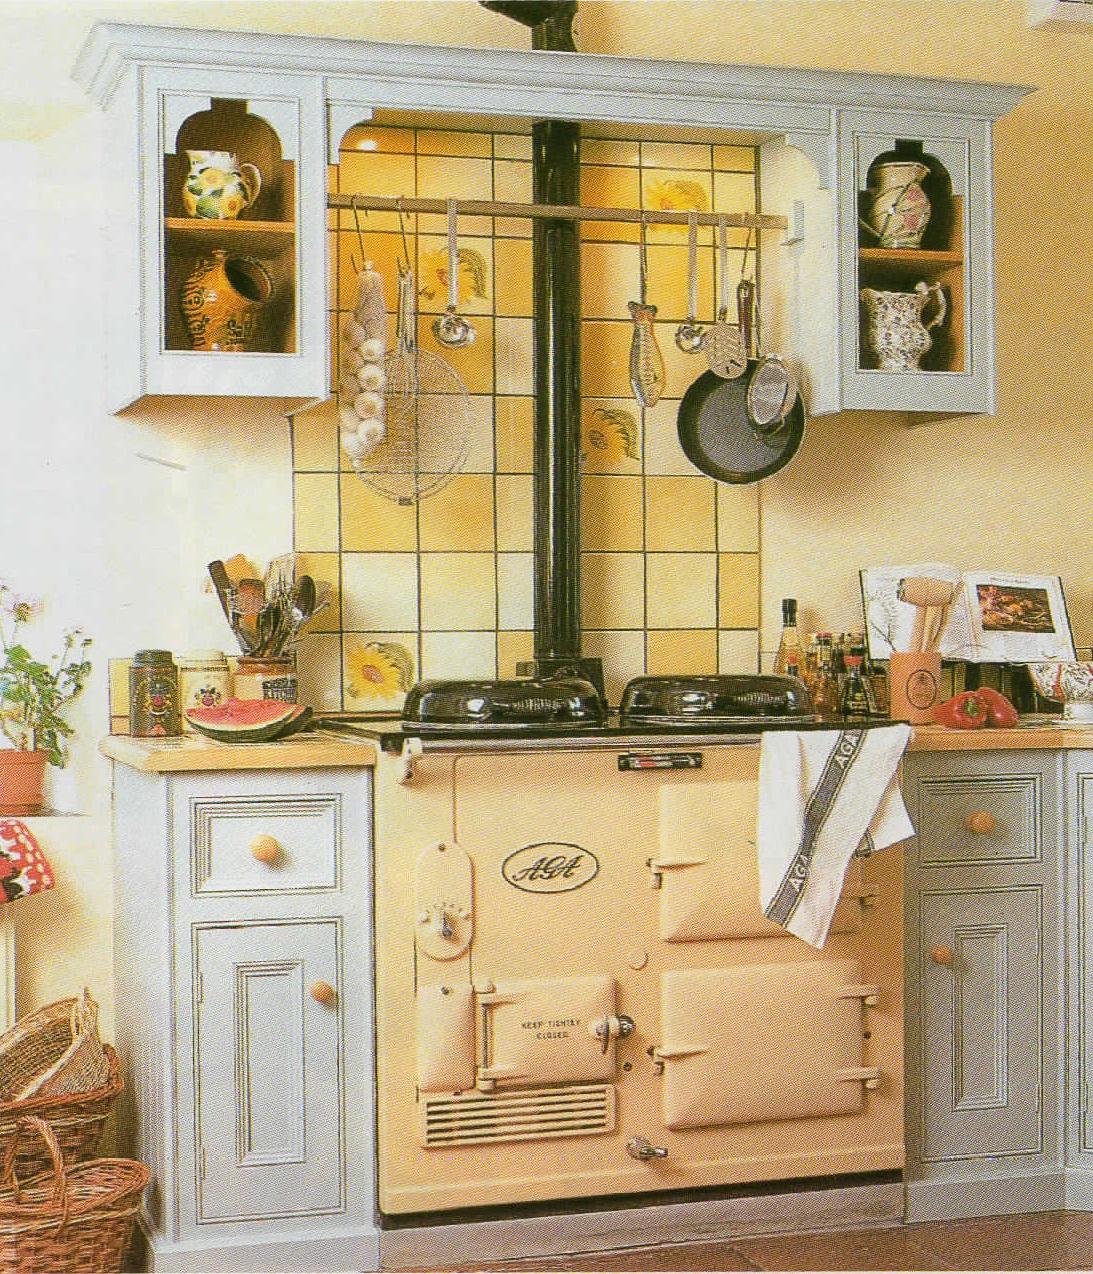 detalles con encanto las cocinas de las casas rurales